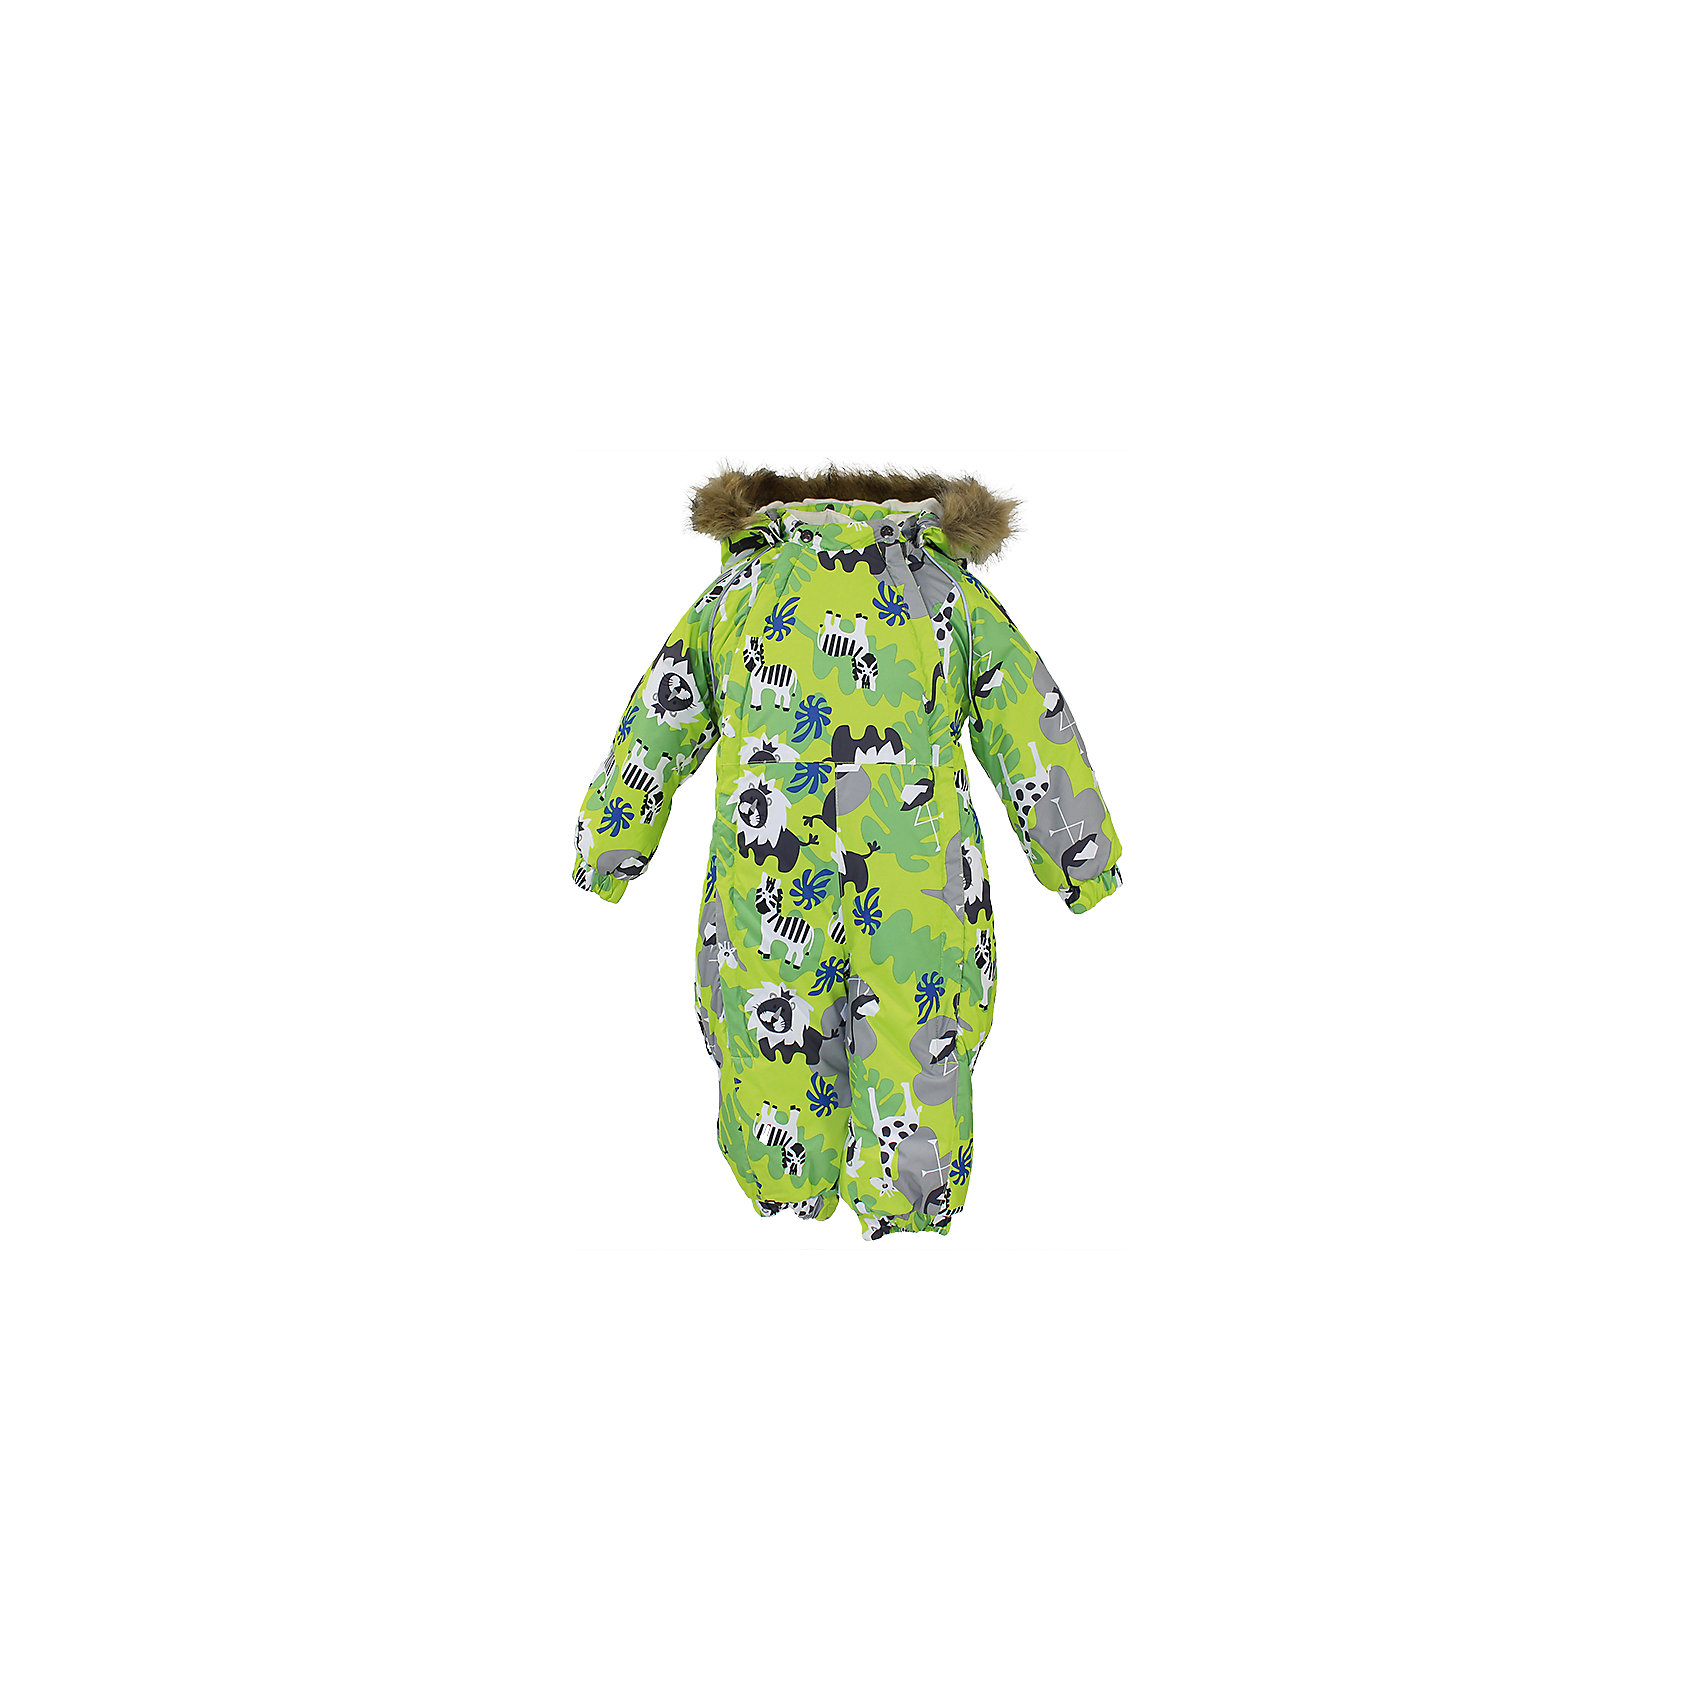 Комбинезон HuppaВерхняя одежда<br>Зимний комбинезон KEIRA Huppa (Хуппа) с необычной расцветкой и зверюшками изготовлен специально для малышей. <br><br>Утеплитель: 100% полиэстер, 300 гр.<br><br>Температурный режим: до -30 градусов. Степень утепления – высокая. <br><br>* Температурный режим указан приблизительно — необходимо, прежде всего, ориентироваться на ощущения ребенка. Температурный режим работает в случае соблюдения правила многослойности – использования флисовой поддевы и термобелья.<br><br>Мембрана с изнаночной стороны защитит от воды, ветра и выведет лишнюю влагу во избежание перегрева. Утеплитель HuppaTherm быстро восстанавливается и неприхотлив в уходе. Комбинезон имеет резинки на талии и манжетах, благодаря чему вы можете не переживать о том, что снег попадет крохе под одежду. Комбинезон застегивается на две молнии спереди, что особенно удобно для маленьких непосед.<br><br>Особенности:<br>-отстегивающийся капюшон<br>-двойная молния<br>-светоотражающие полоски<br>-манжеты с отворотом у размеров 68-80<br><br>Дополнительная информация:<br>Материал: 100% полиэстер<br>Подкладка: фланель - 100% хлопок<br>Цвет: салатовый<br><br>Вы можете приобрести комбинезон KEIRA Huppa (Хуппа) в нашем интернет-магазине.<br><br>Ширина мм: 356<br>Глубина мм: 10<br>Высота мм: 245<br>Вес г: 519<br>Цвет: зеленый<br>Возраст от месяцев: 6<br>Возраст до месяцев: 9<br>Пол: Унисекс<br>Возраст: Детский<br>Размер: 74,80,86,92,98,68<br>SKU: 4928498